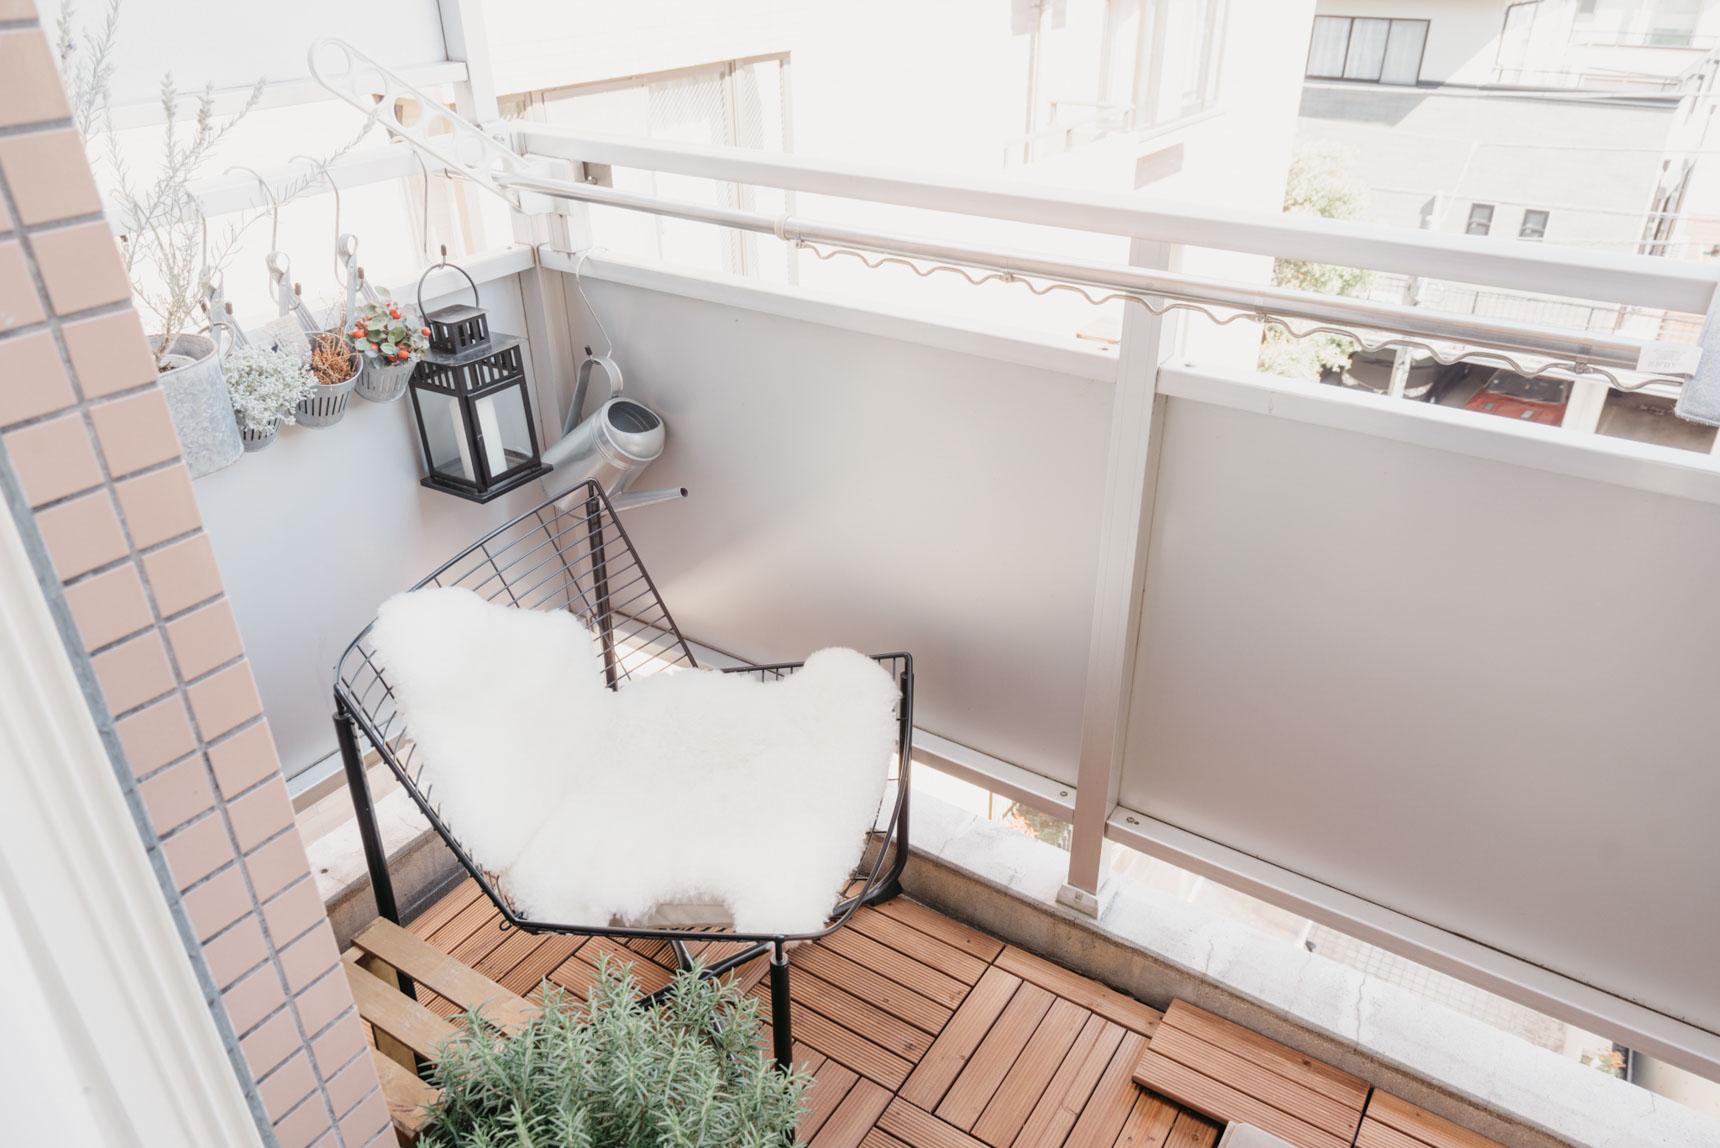 「外との一体感」を意識されているというお部屋。ベランダにはこんな素敵なスペースが!これは落ち着ける空間ですね〜。